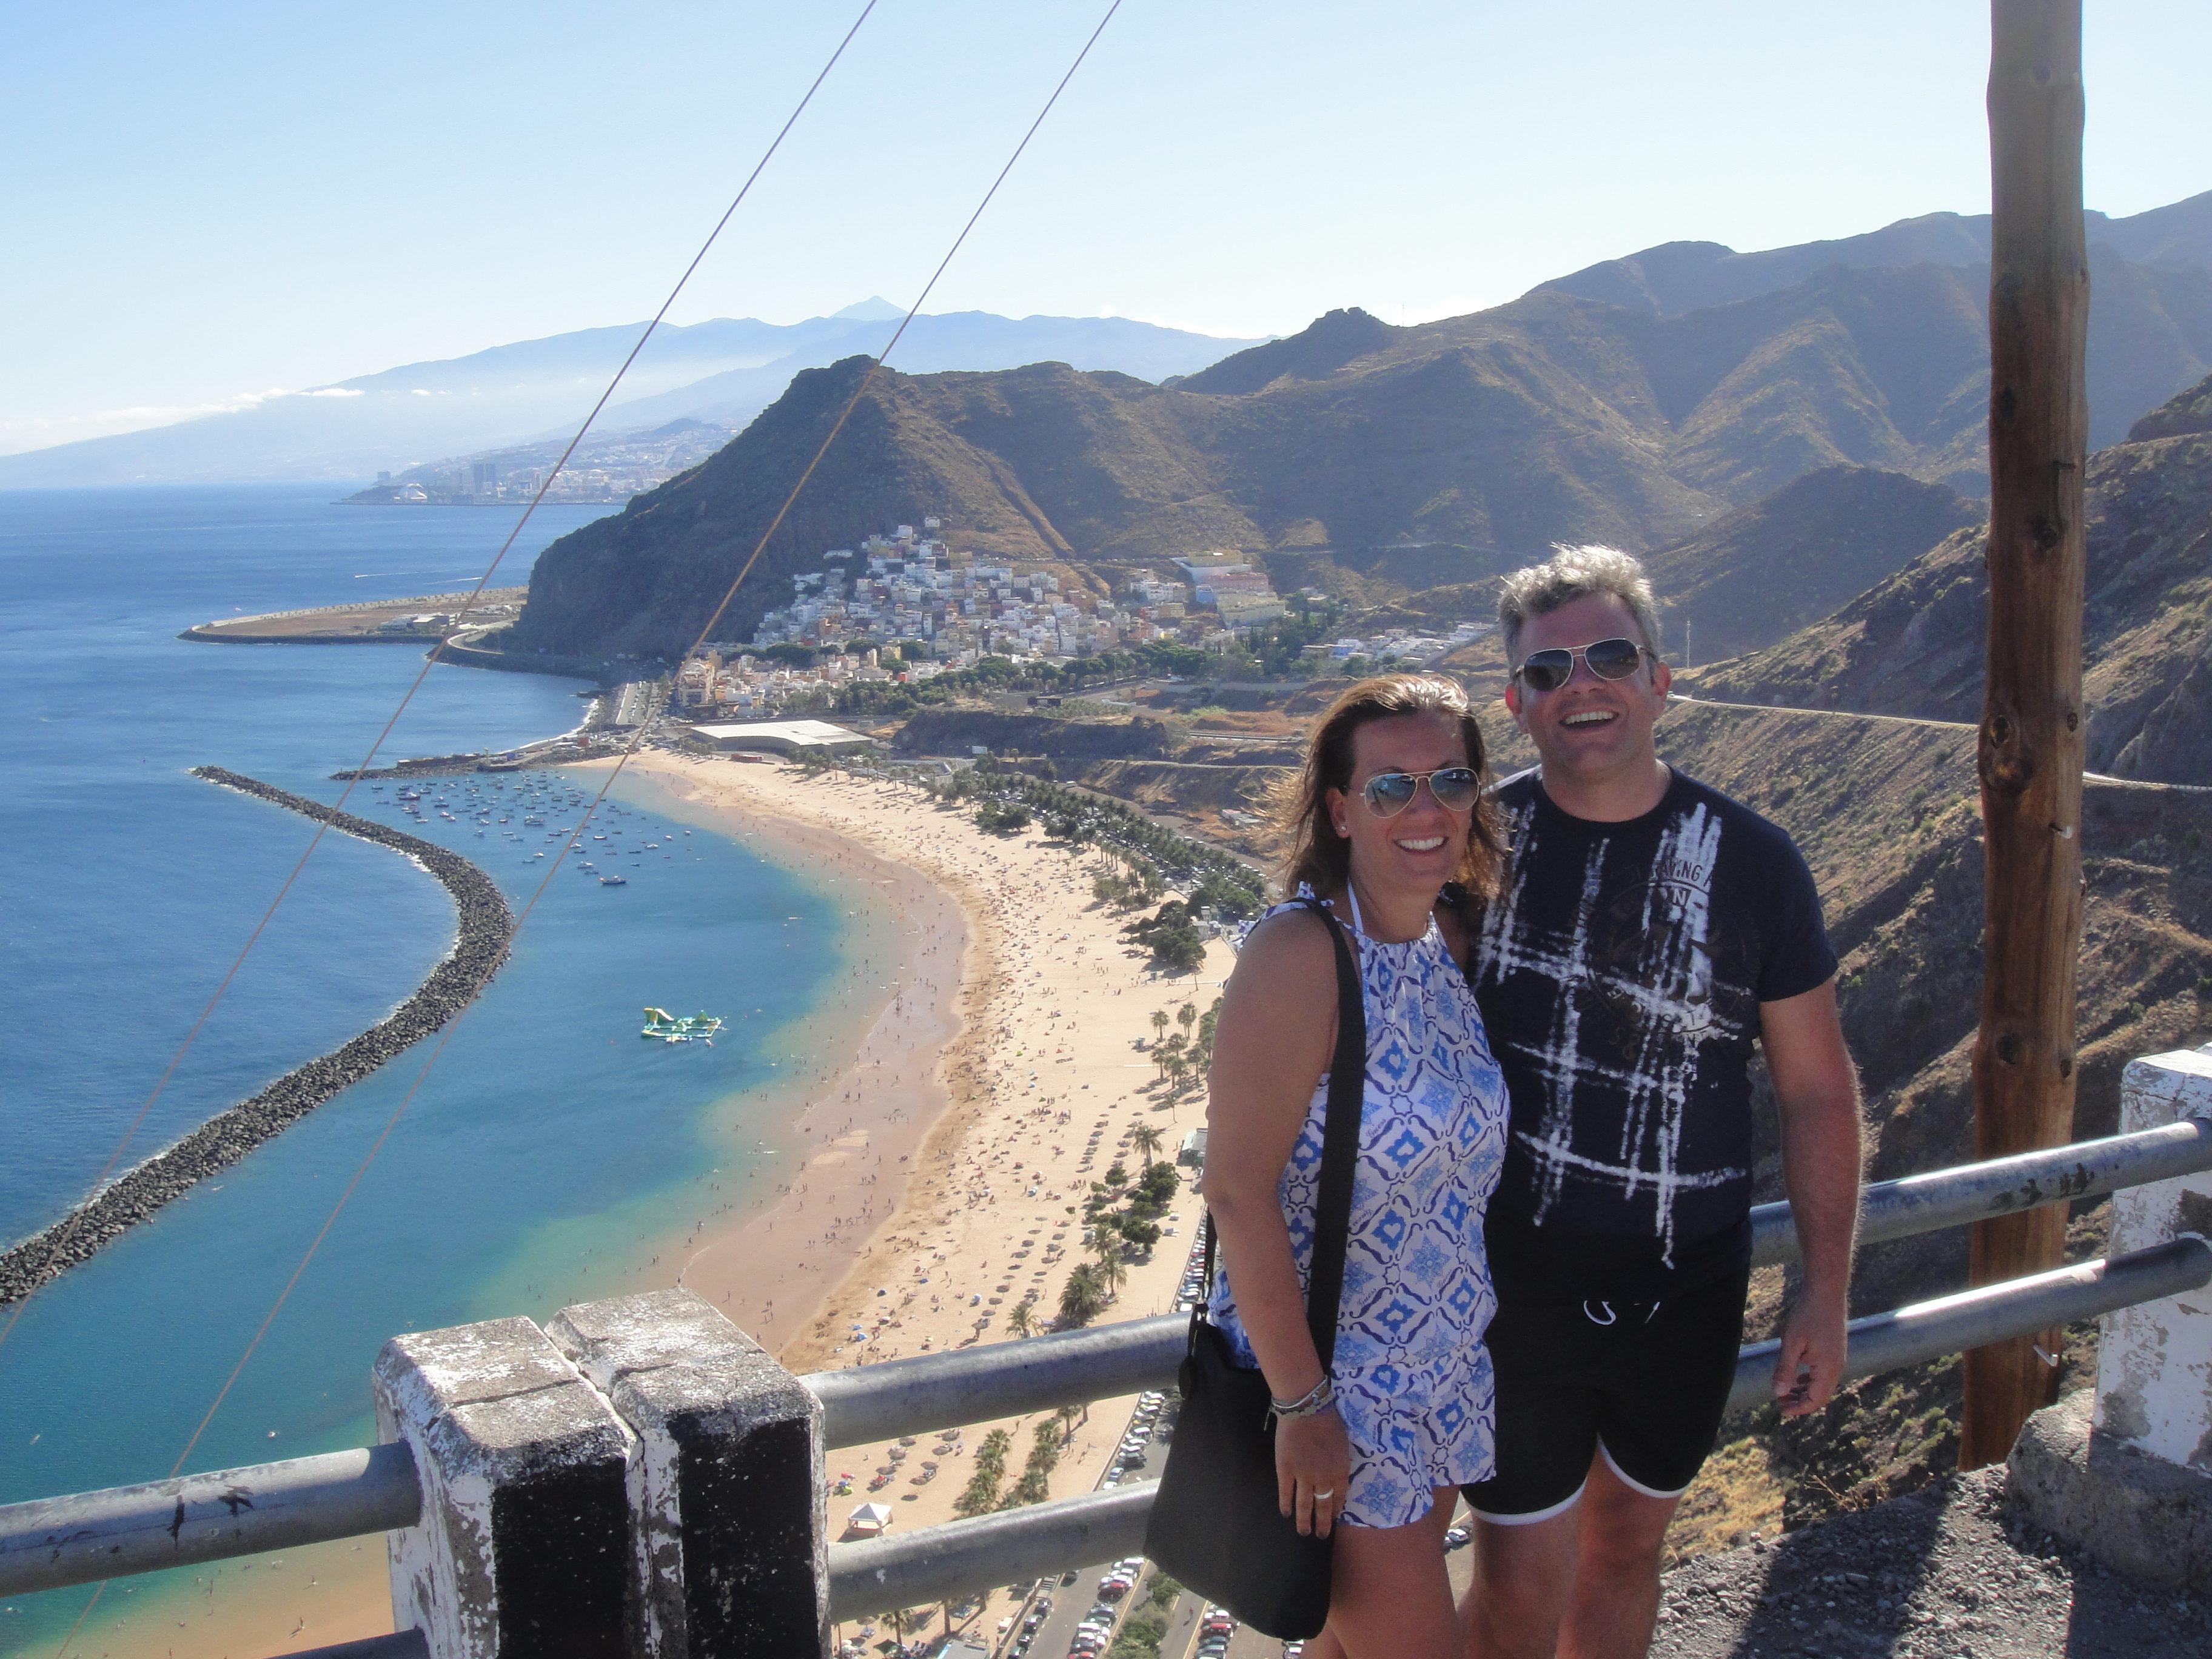 Un'altra spiaggia e un altro oceano, Tenerife - agosto 2014